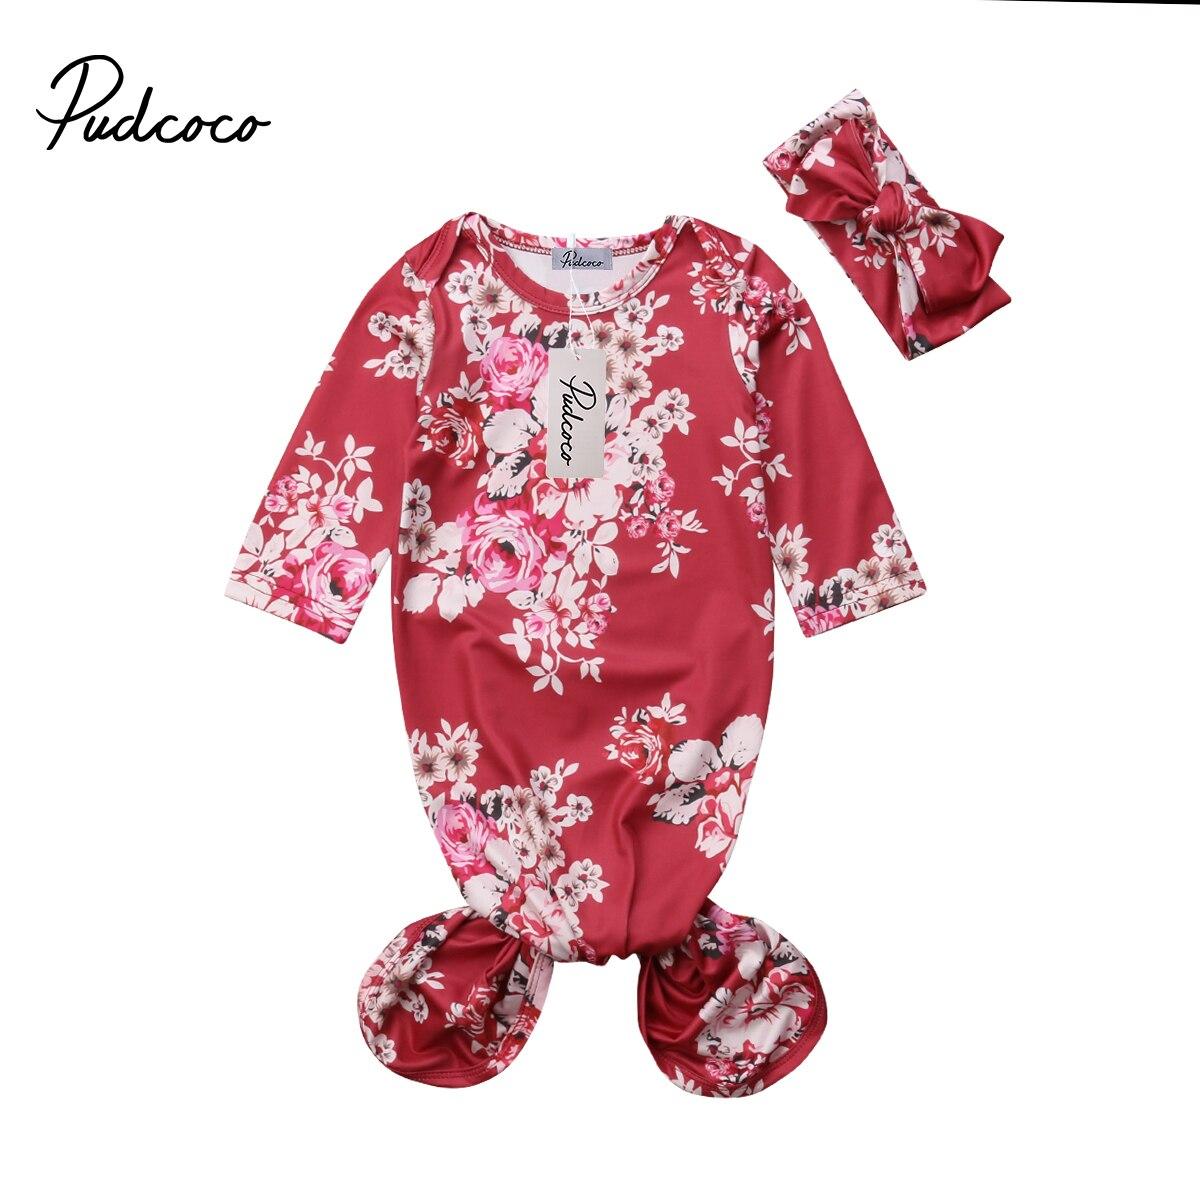 Pudcoco 2018 новая детская одежда для малышей 2 шт. детское одеяло с русалочкой пеленка